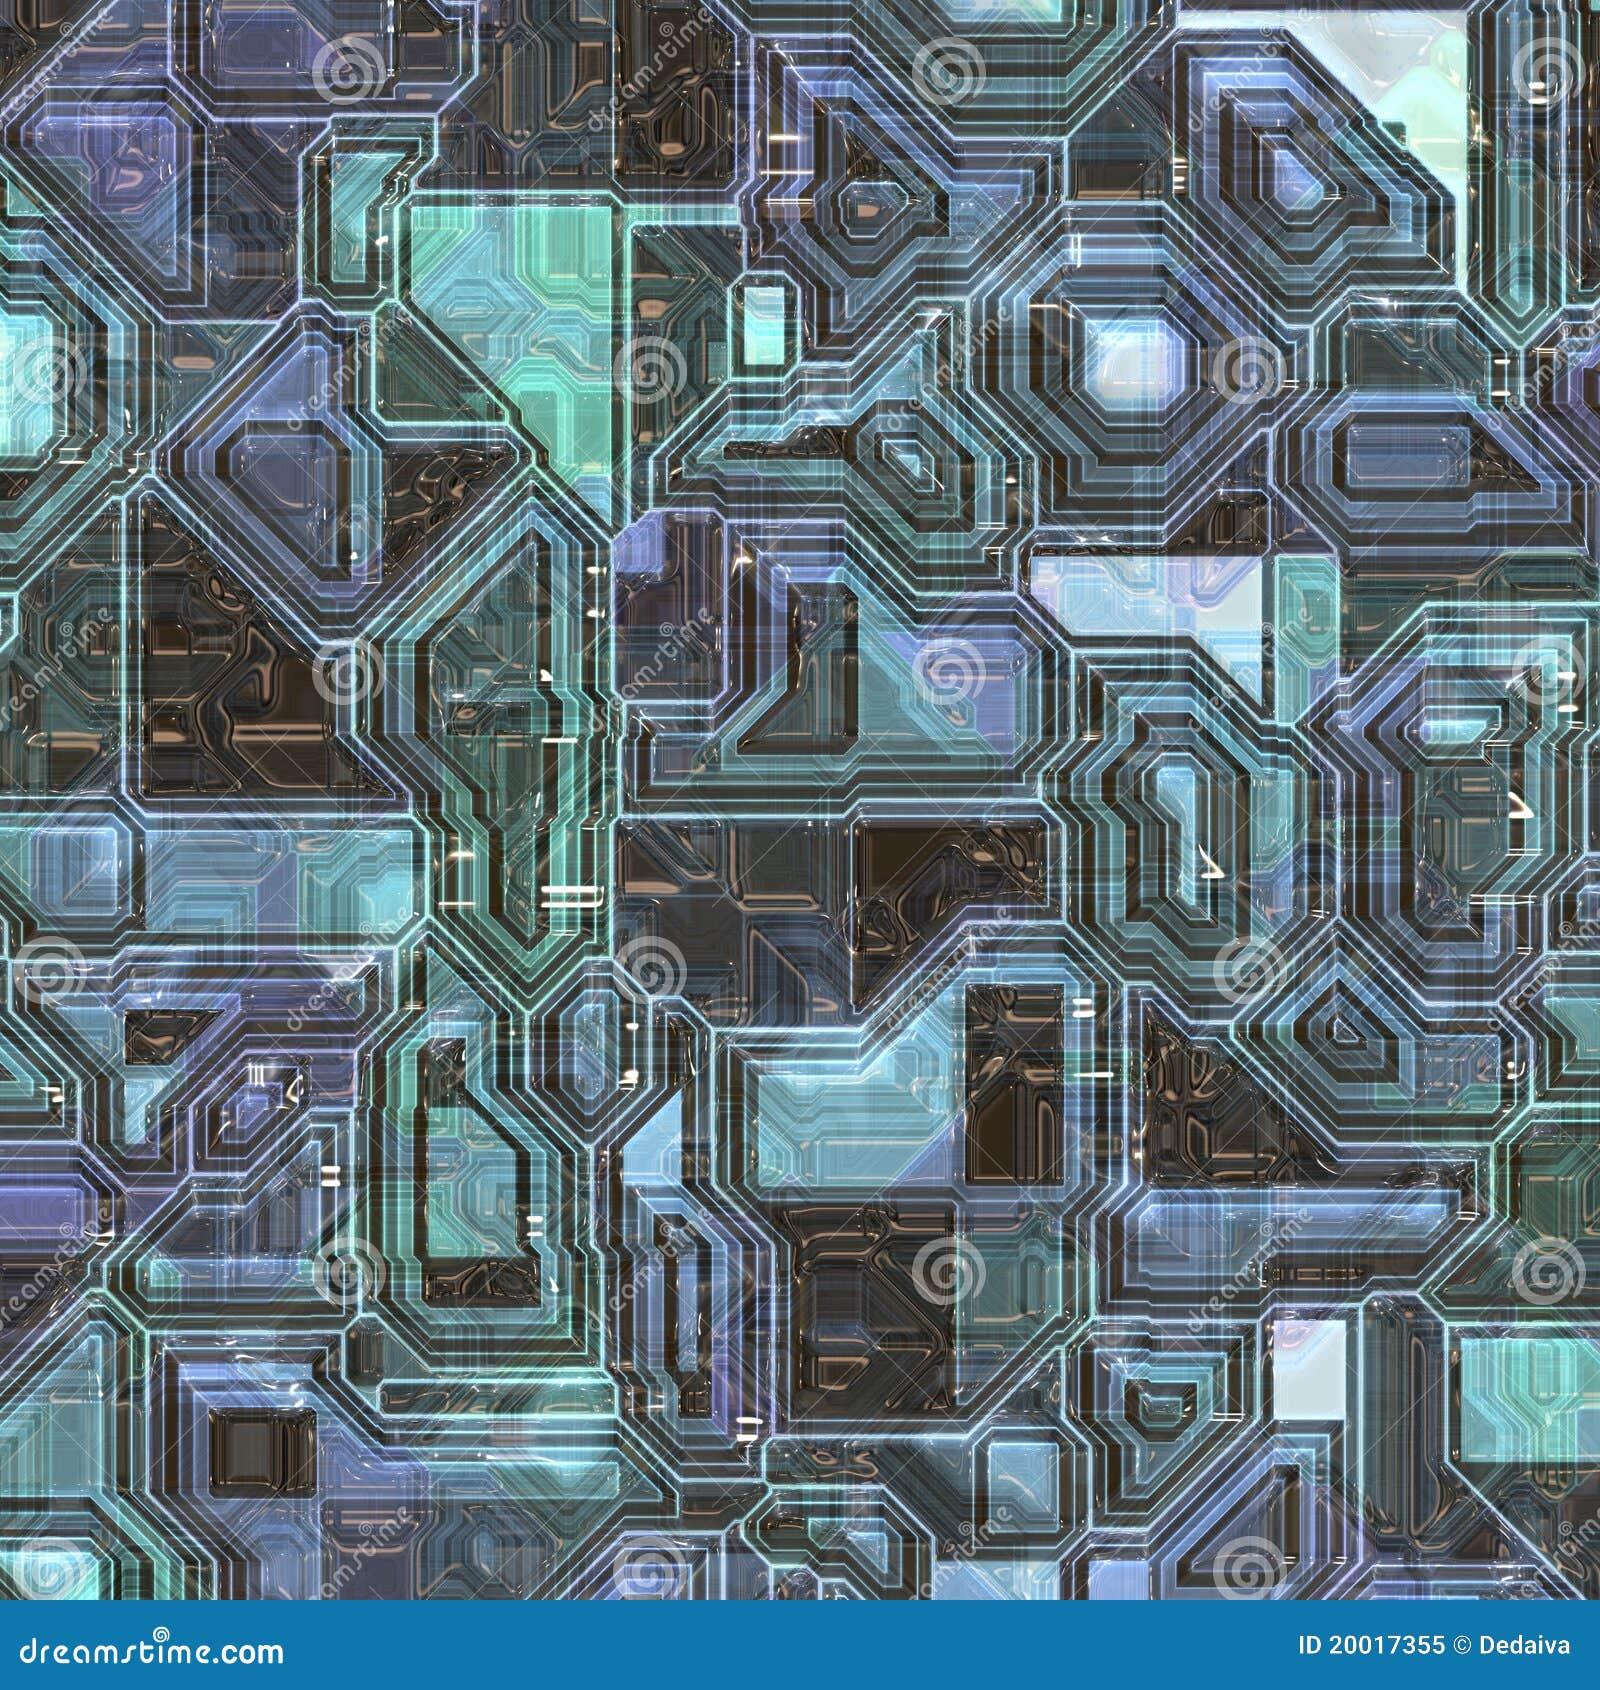 microprocessor wallpaper